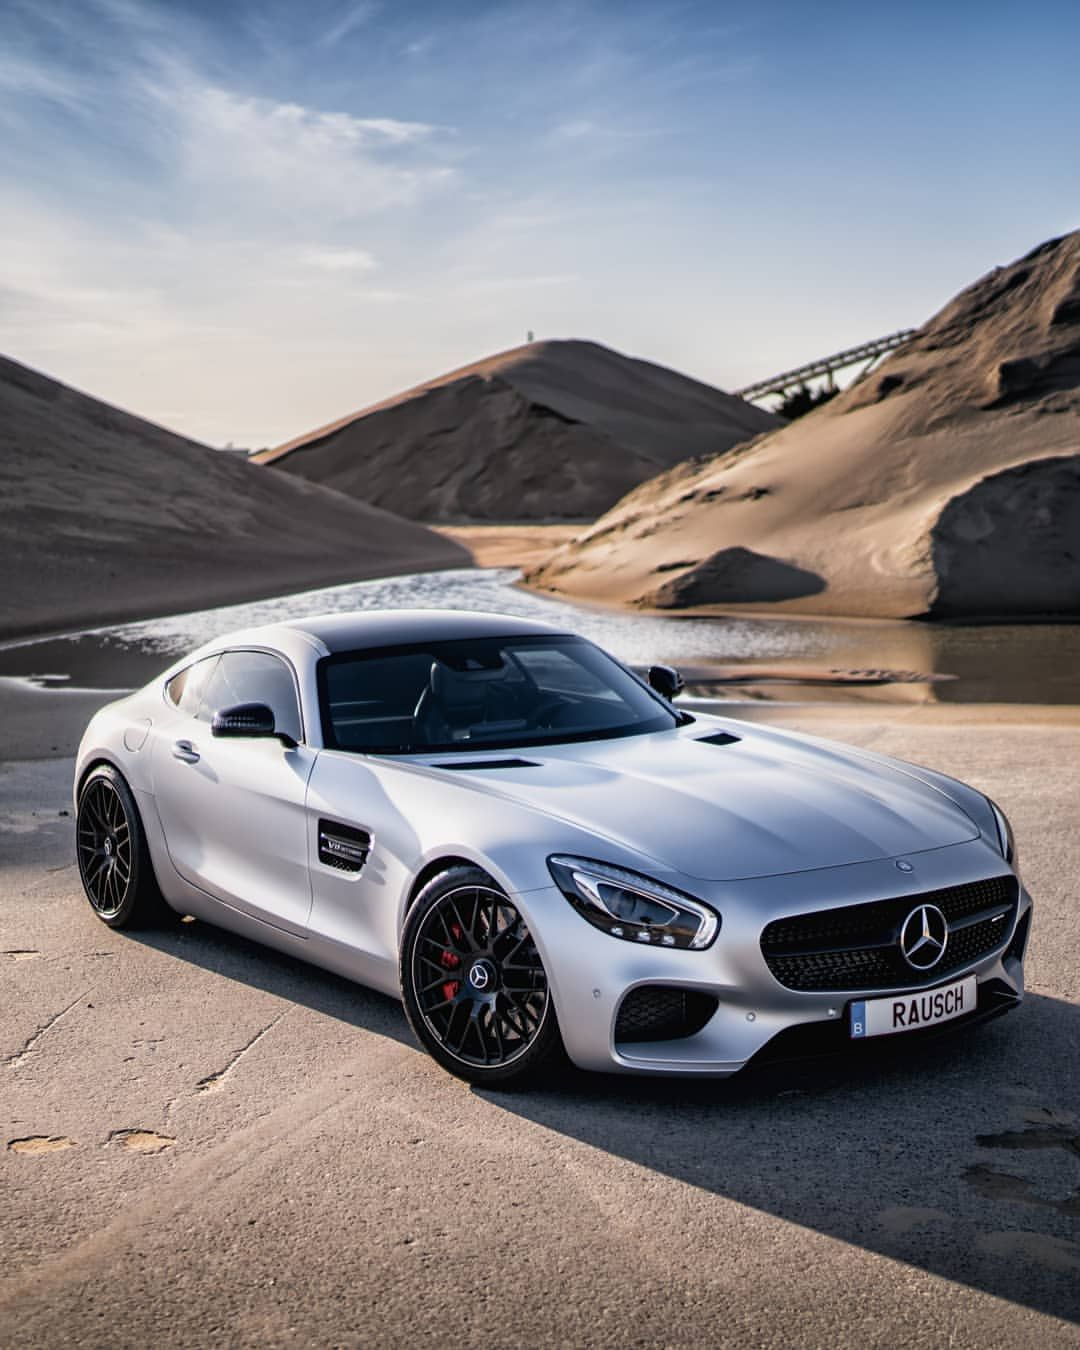 Auto Mercedes Benz: Rausch Michael (@iamrausch) On